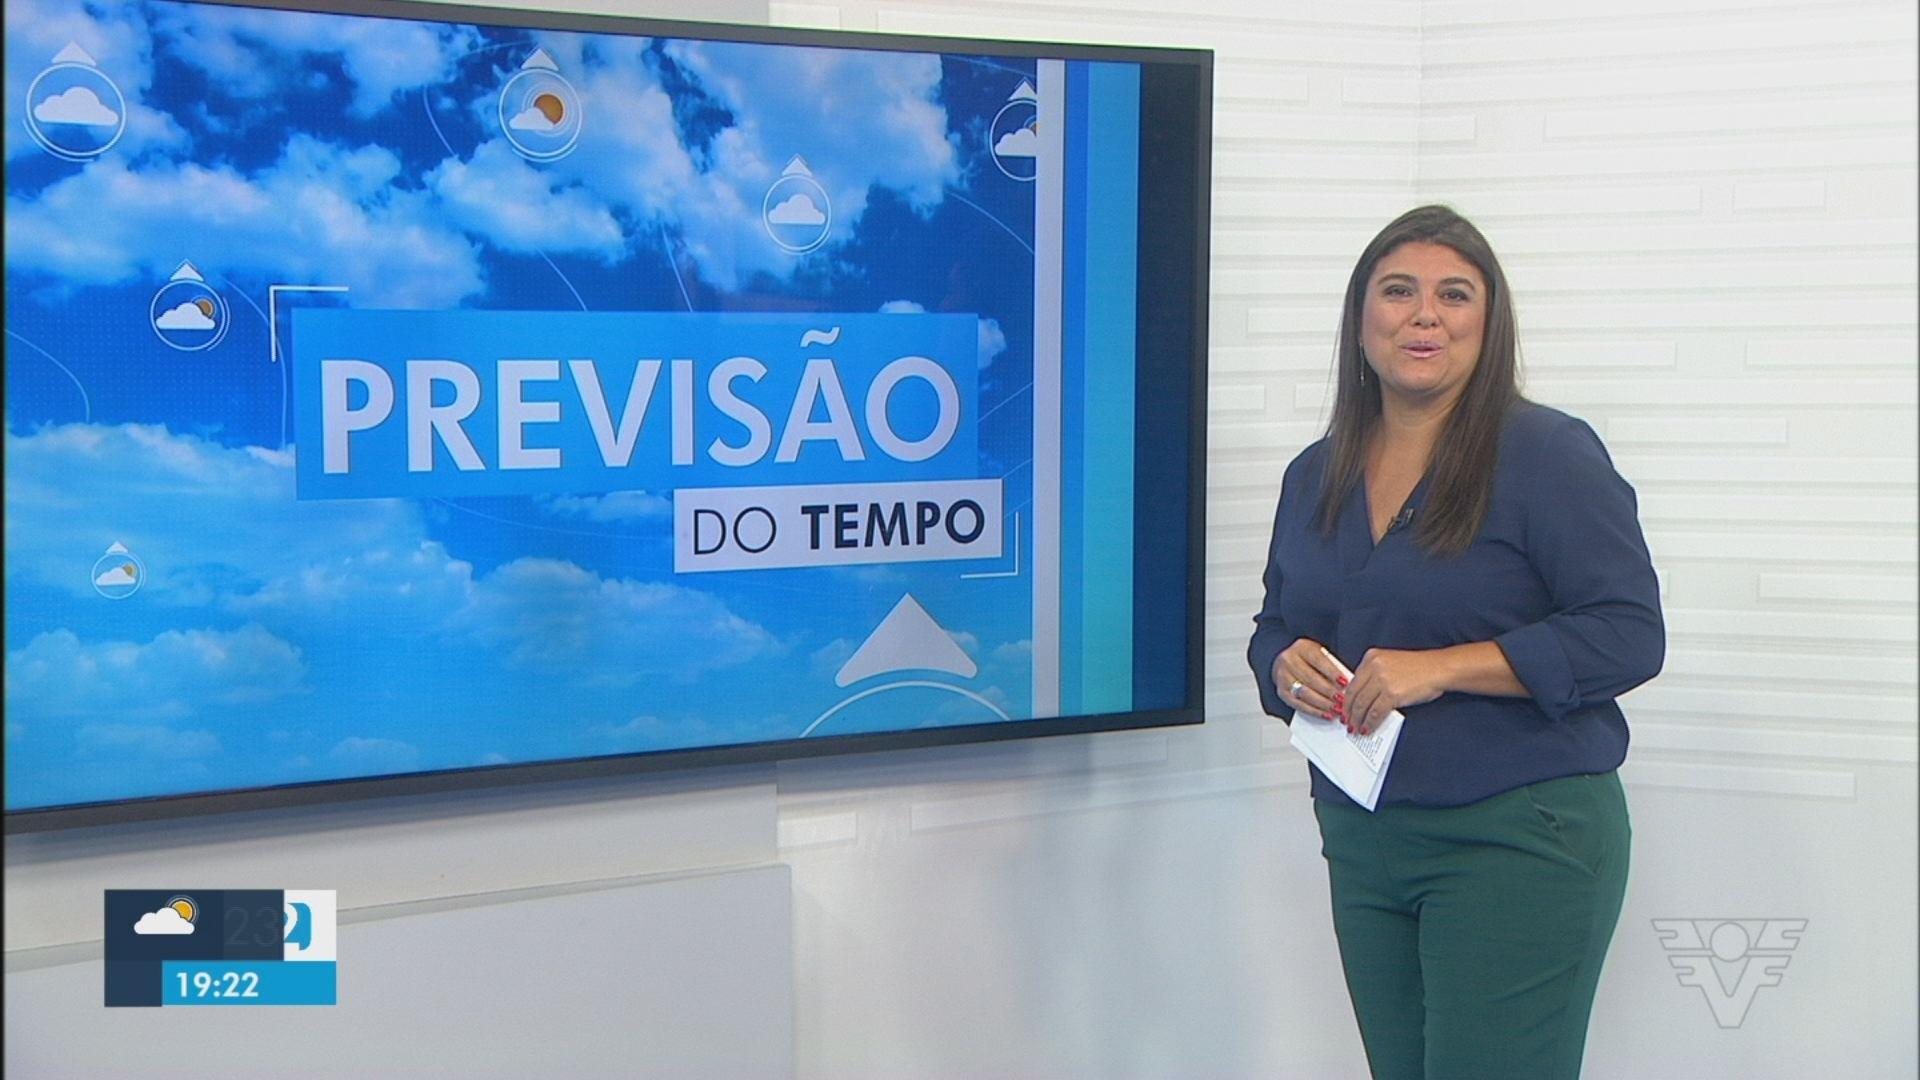 VÍDEOS: Jornal da Tribuna 2ª Edição de segunda-feira, 18 de janeiro